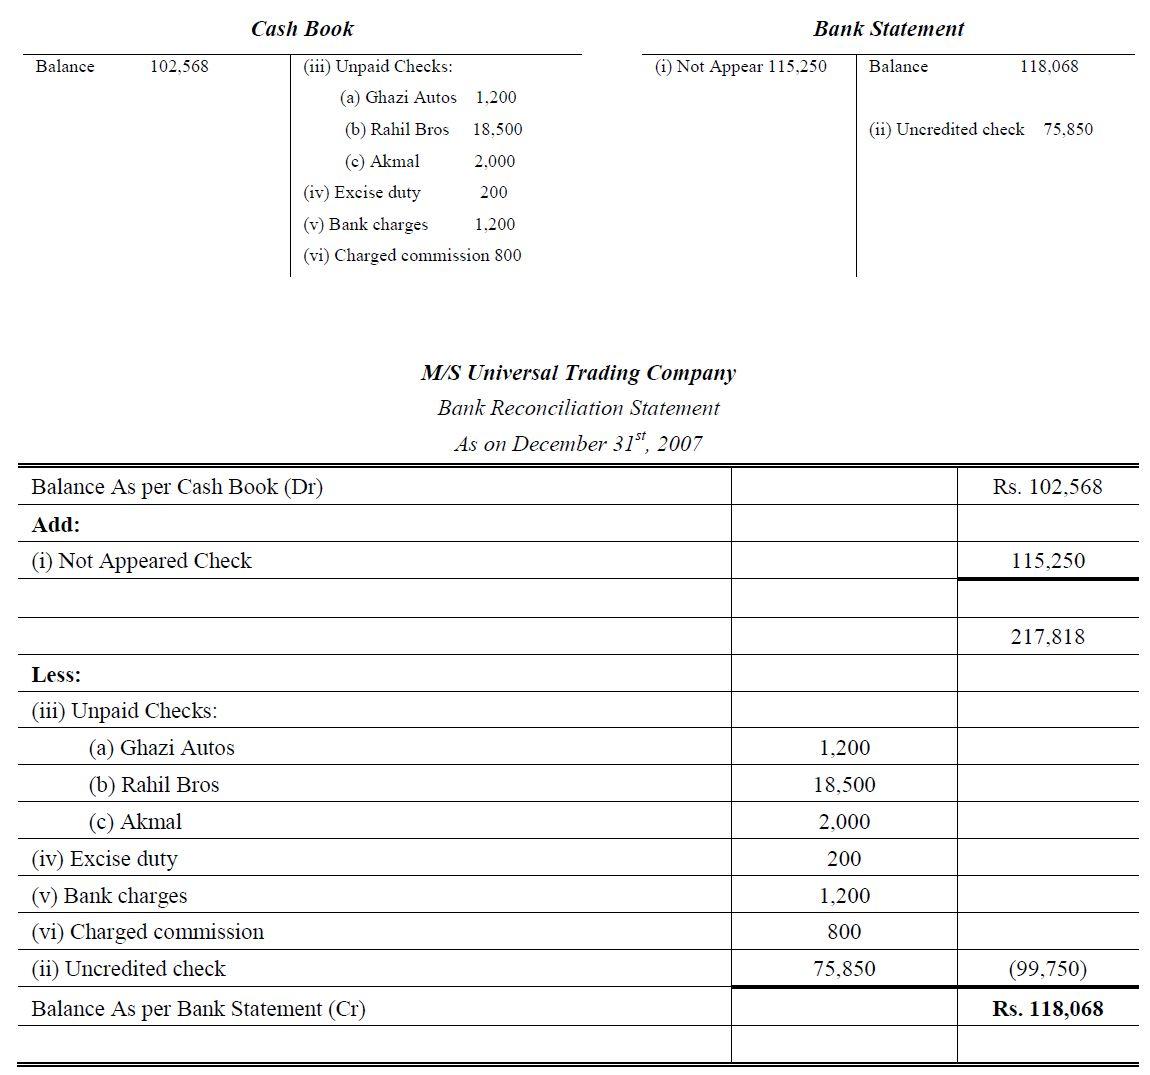 Checkbook Register Worksheet 1 Answer Key